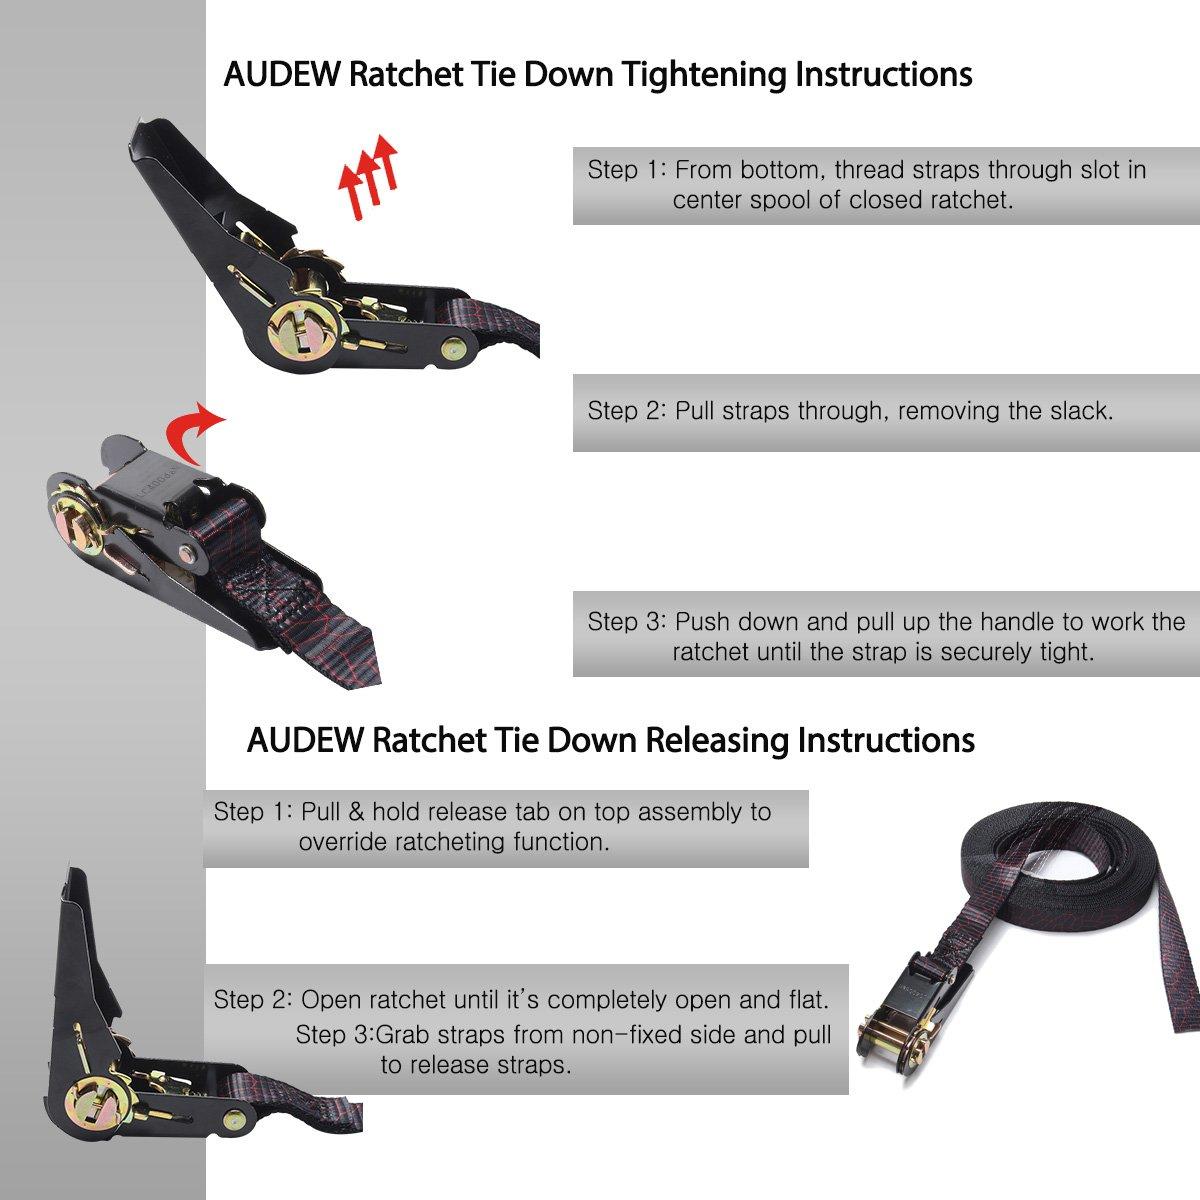 Audew Ratchet Tie Down Straps 4 Pack Ratchet Straps 20 FT-2400Lb Break Strength Cargo Straps, Heavy Duty Lashing Straps by Audew (Image #7)